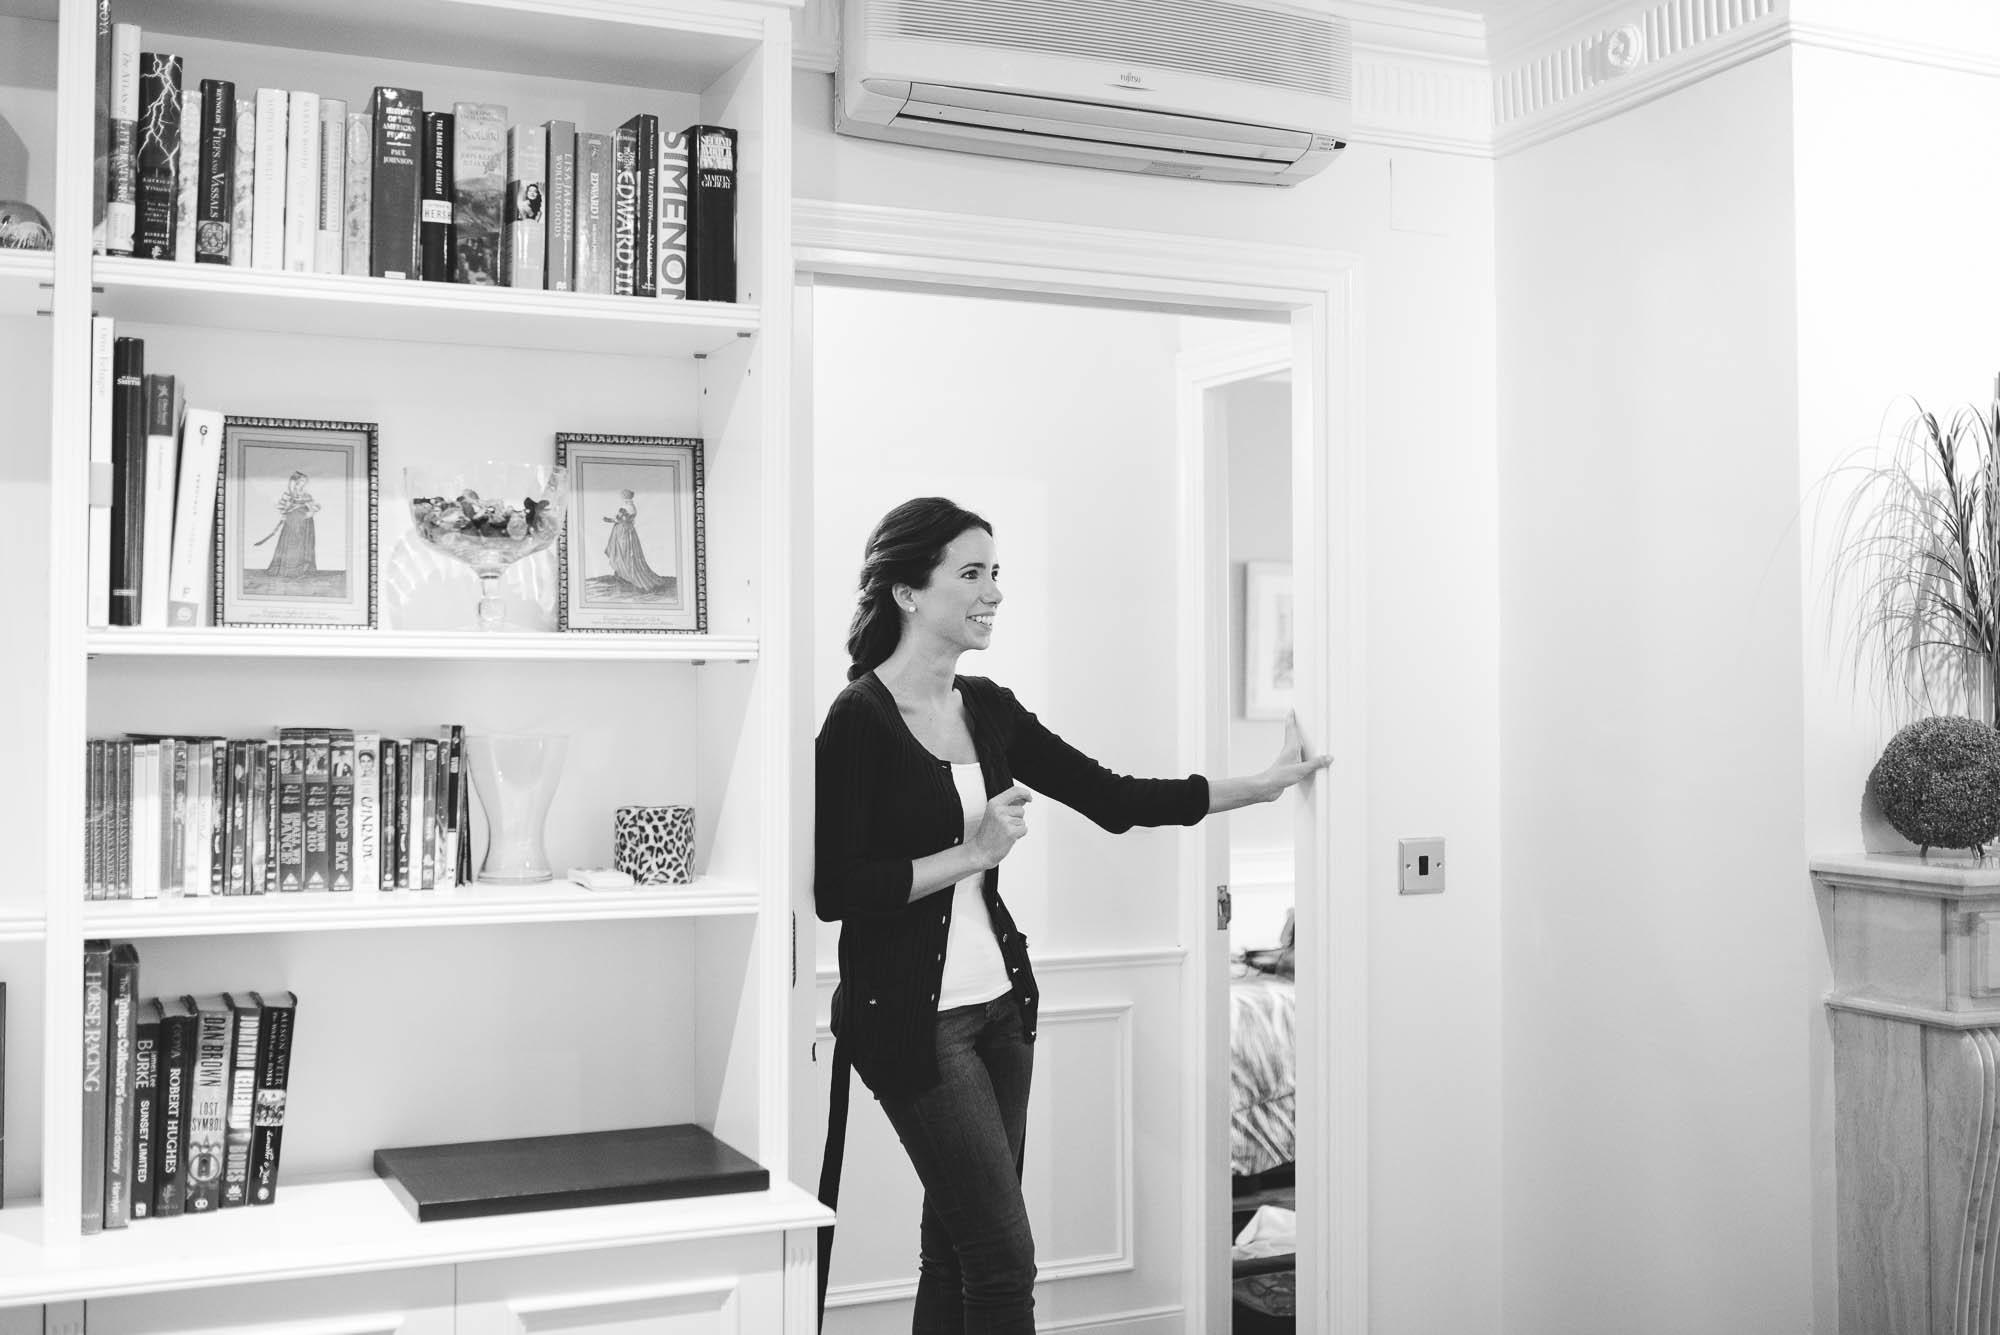 La novia de pie en la puerta sonriendo